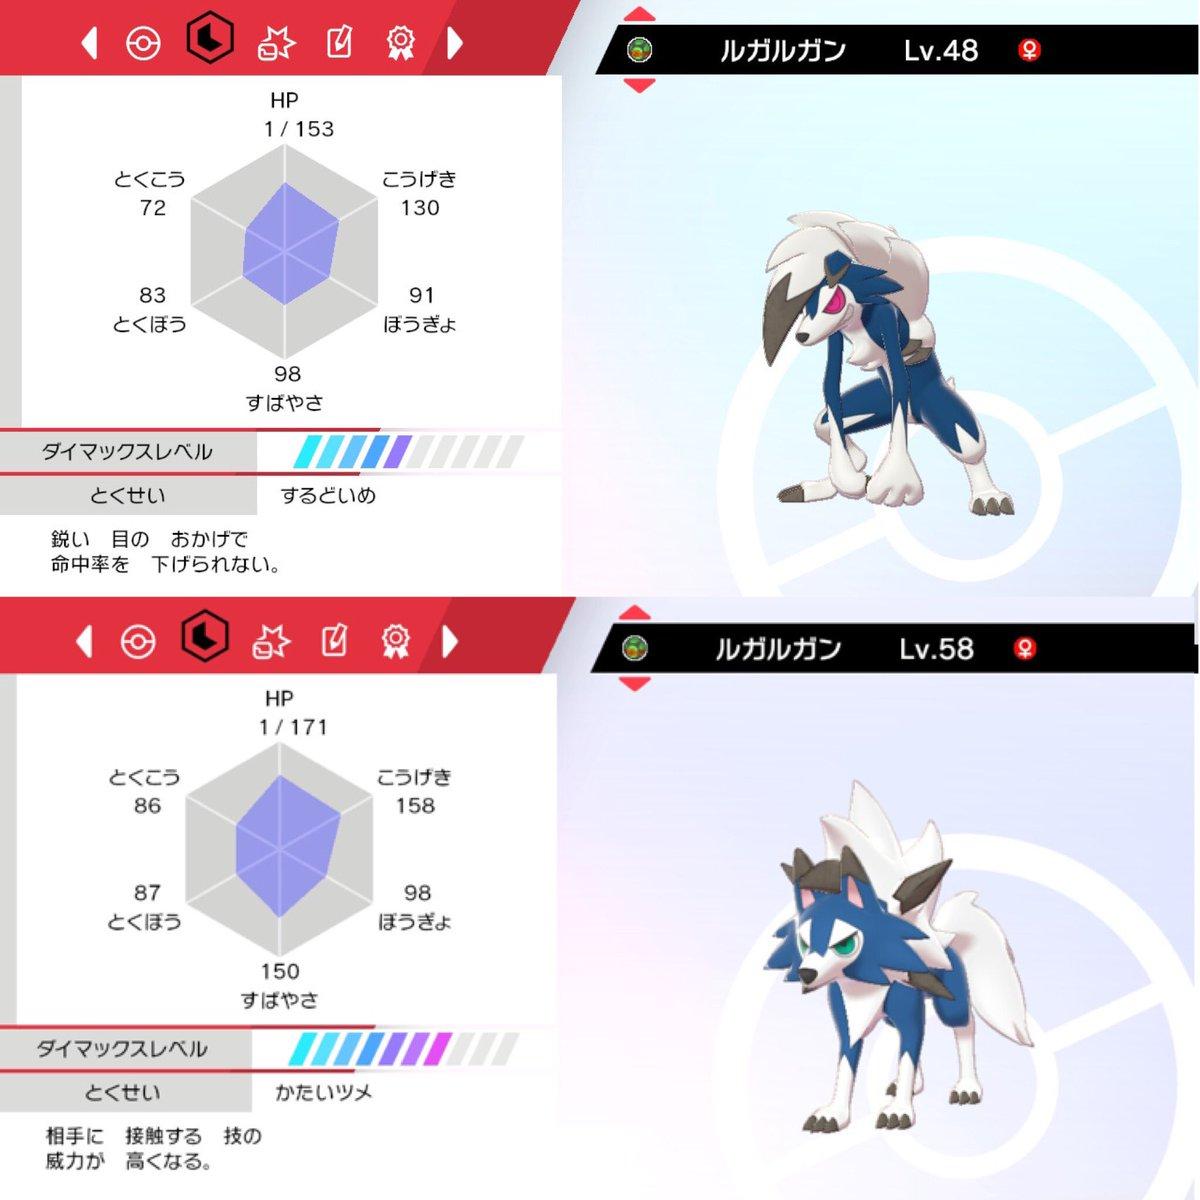 ルガルガン ポケモン 剣 盾